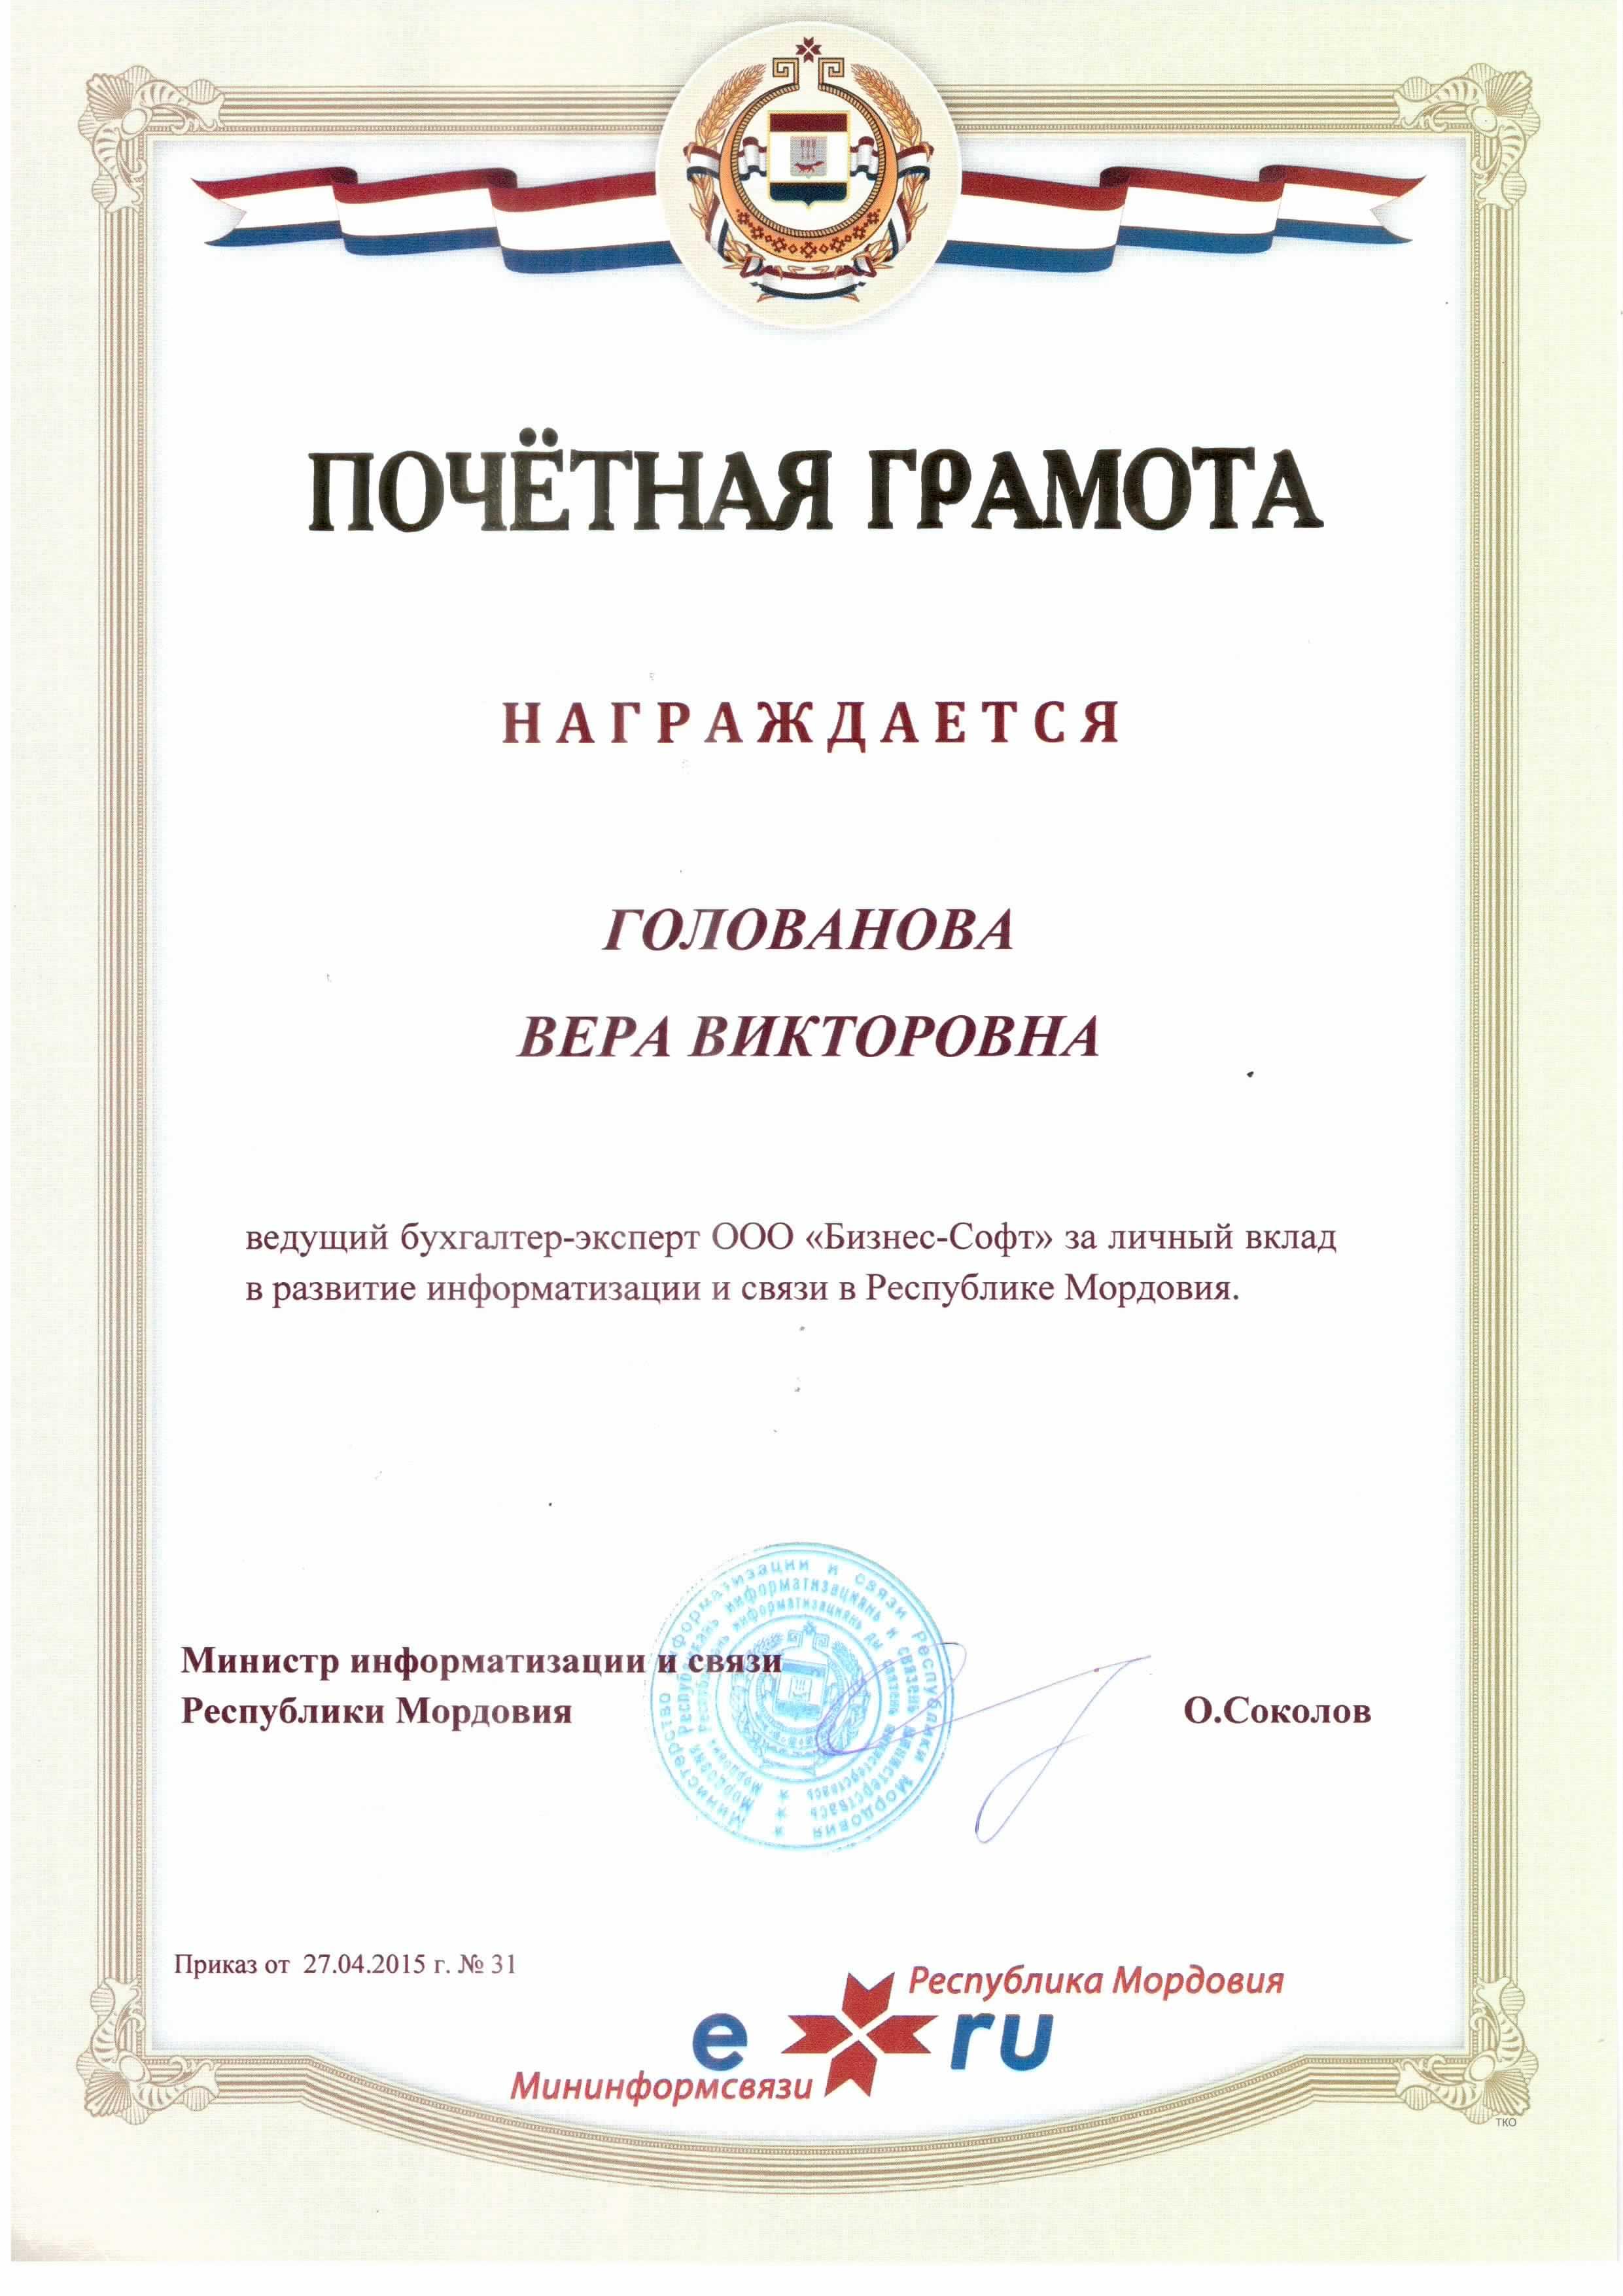 Почетная грамота Головойной В.В.